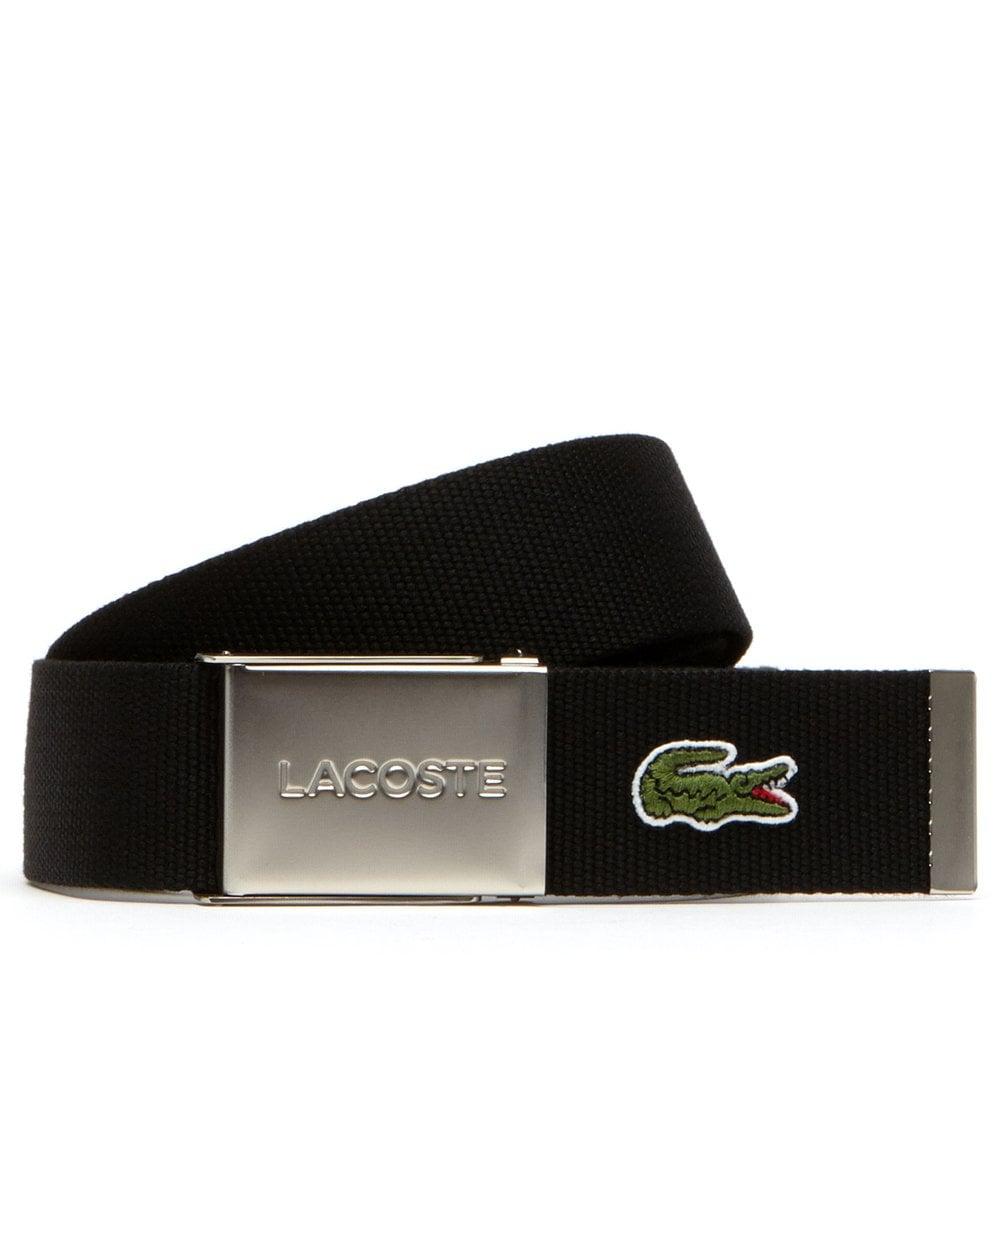 0c4e71c0c525e6 Lacoste Lacoste Logo Belt Black